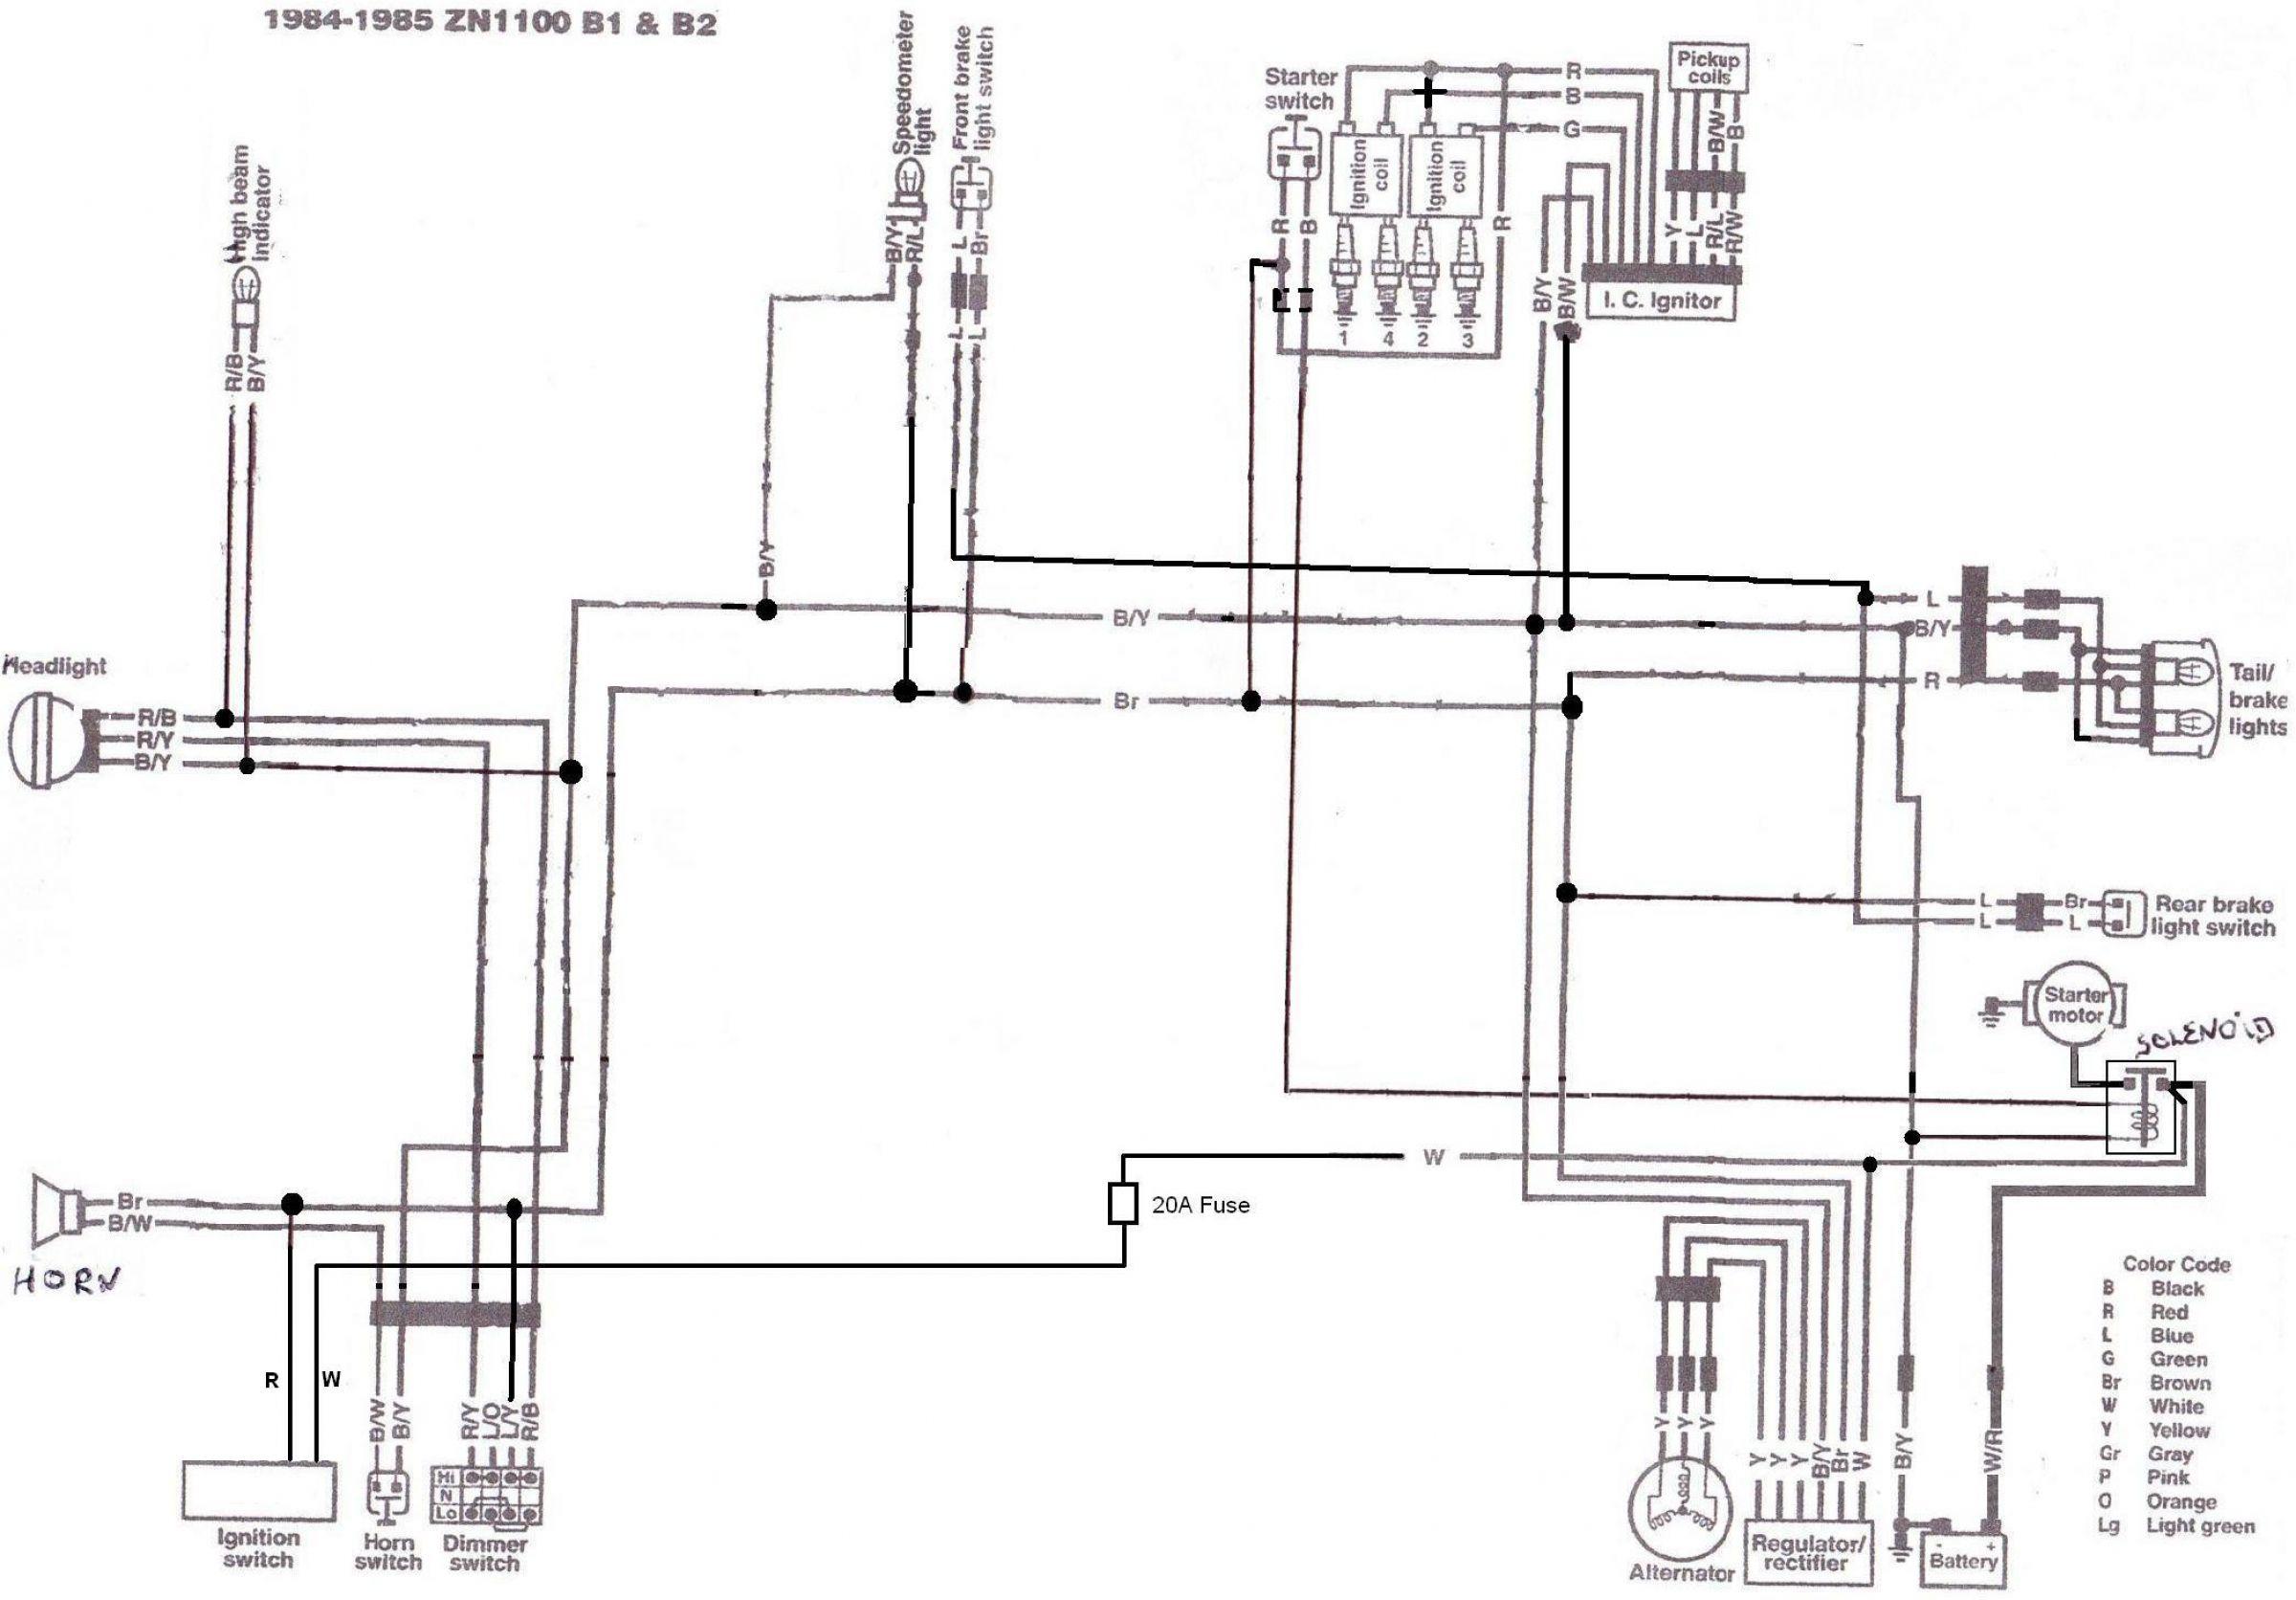 1982 wiring diagram for kawasaki k z ltd 750